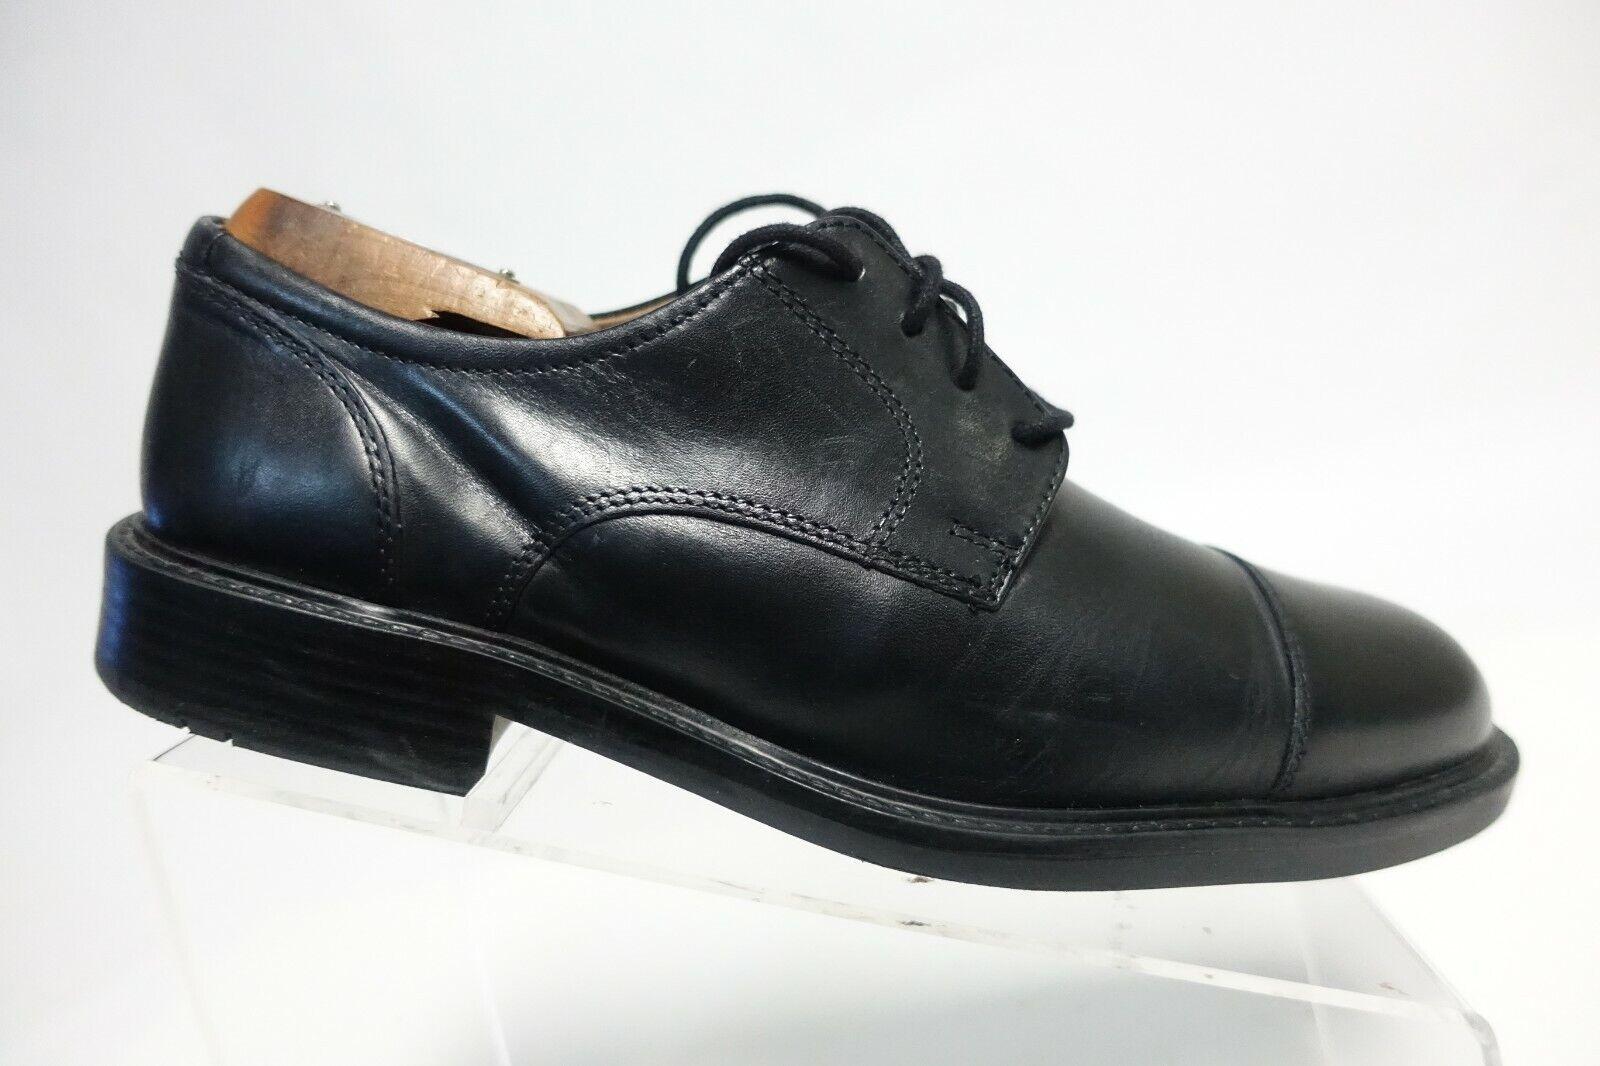 JOHNSTON & MURPHY Cap-Toe Black Sz 8.5 M Men Leather Derby Shoes